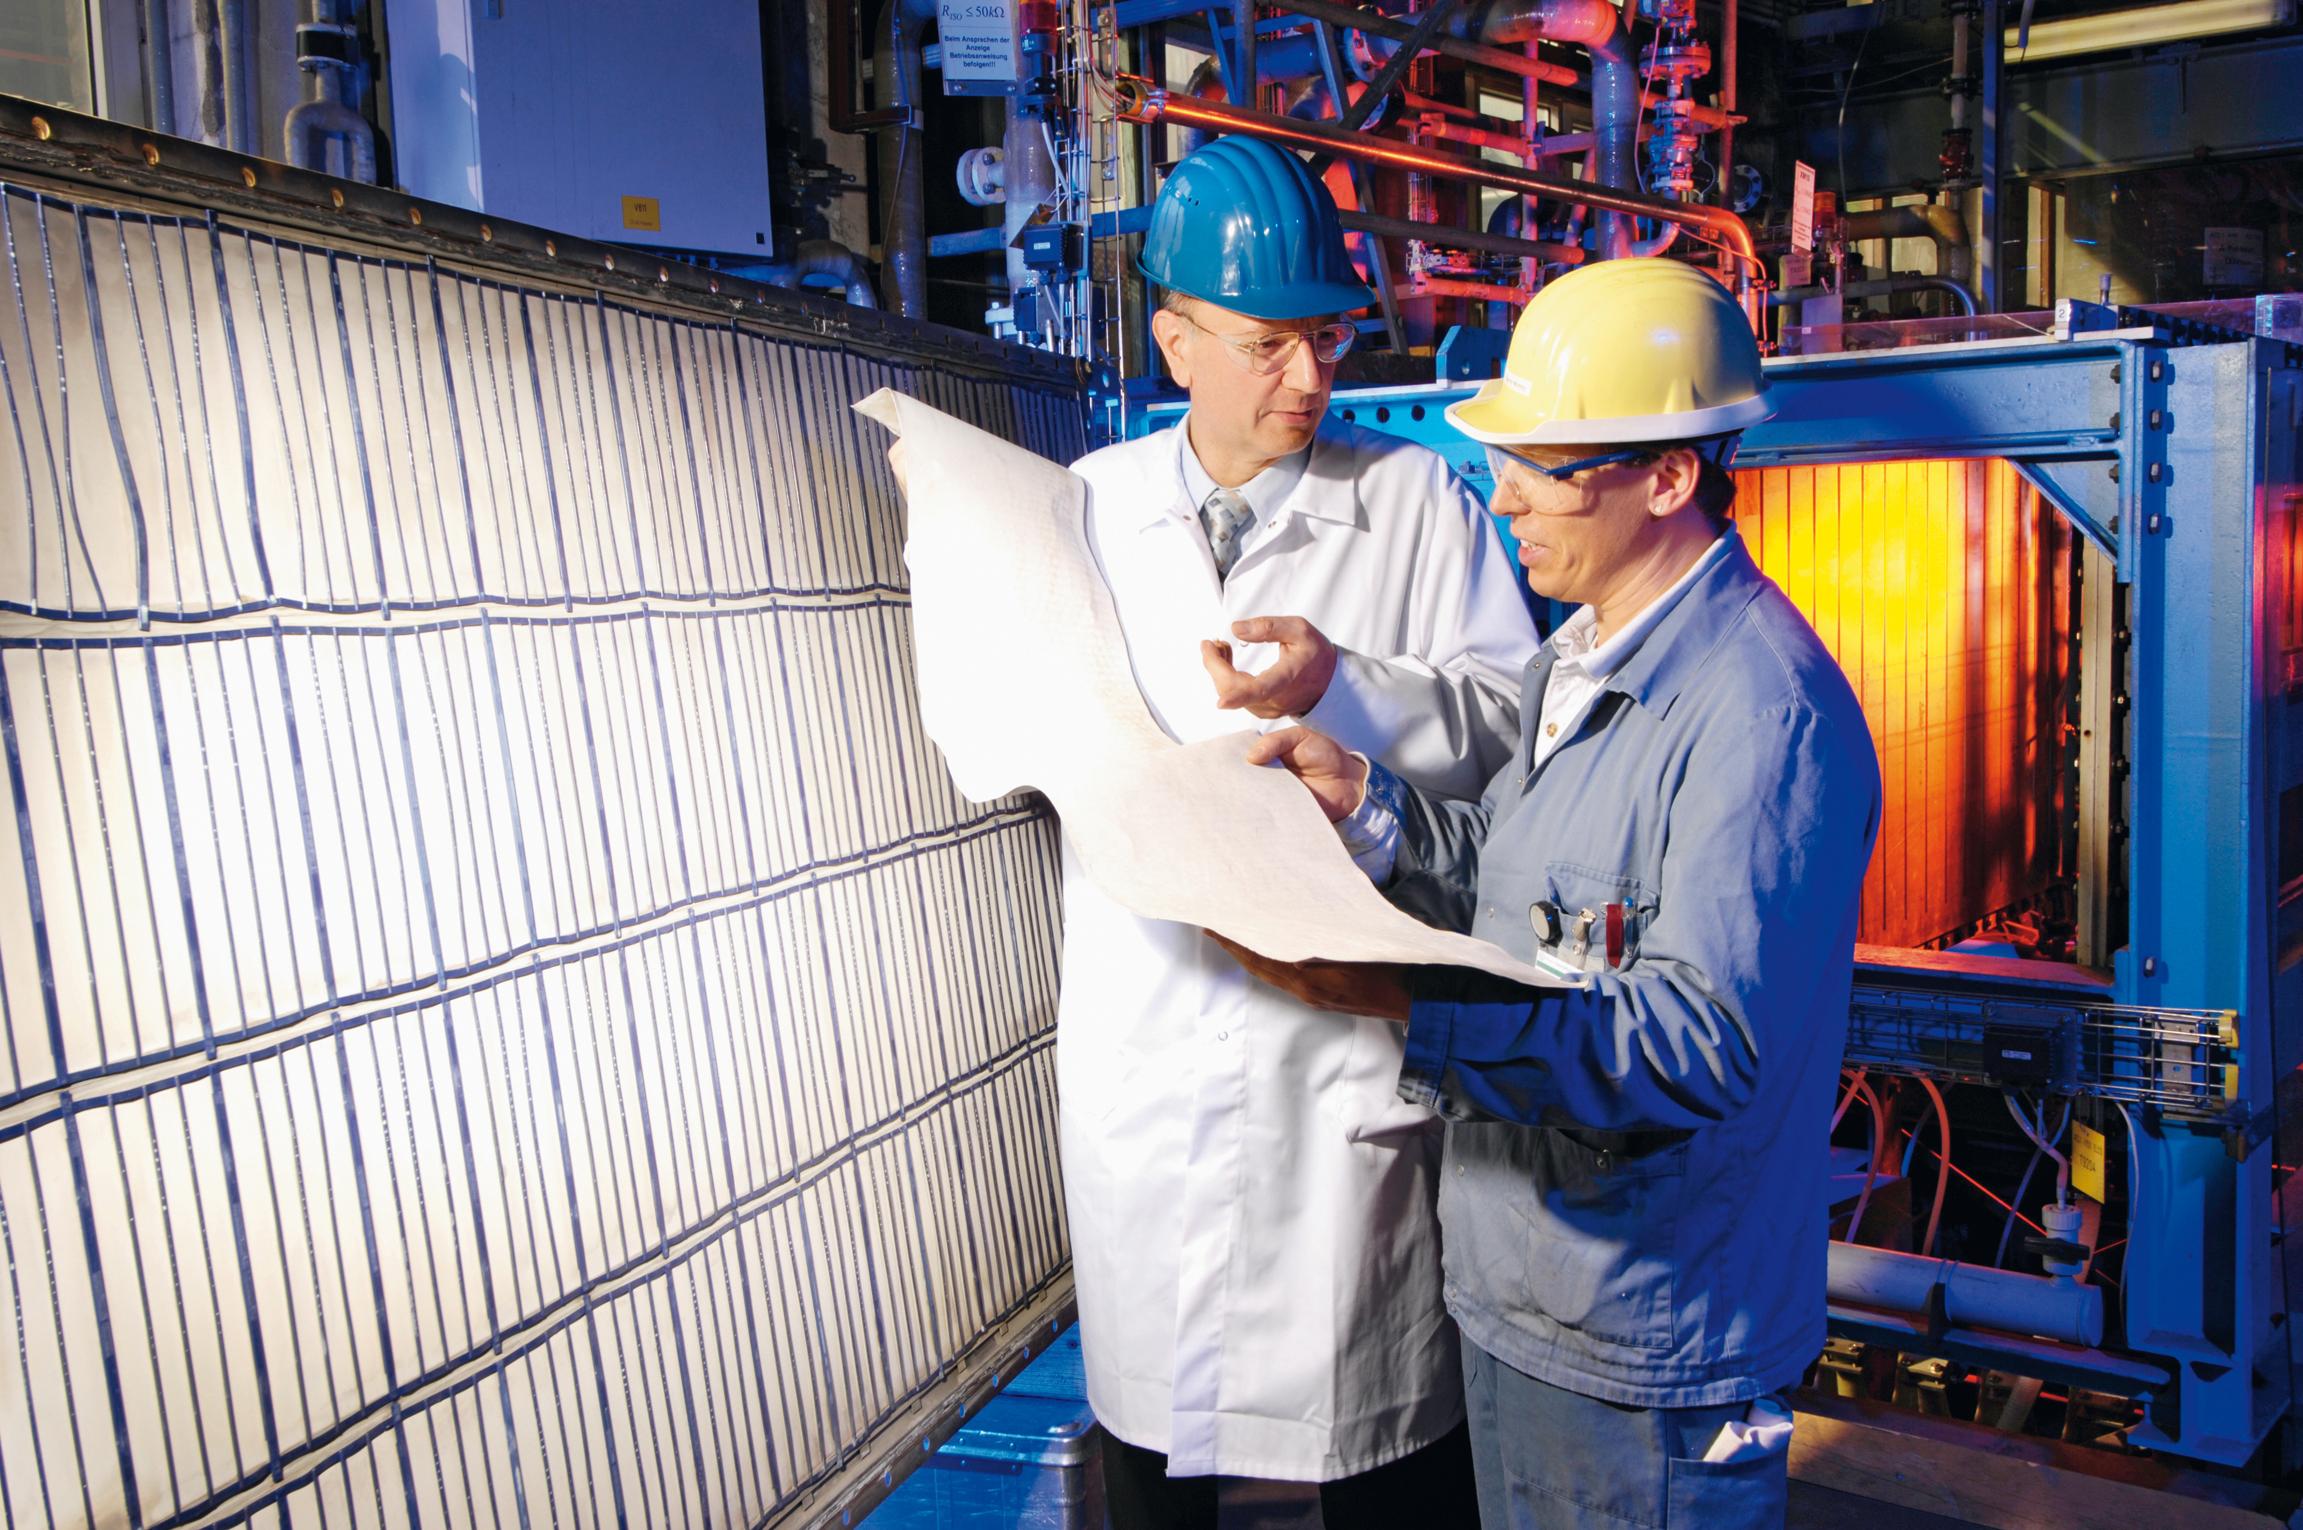 Экспертиза в области индустриальной безопасности